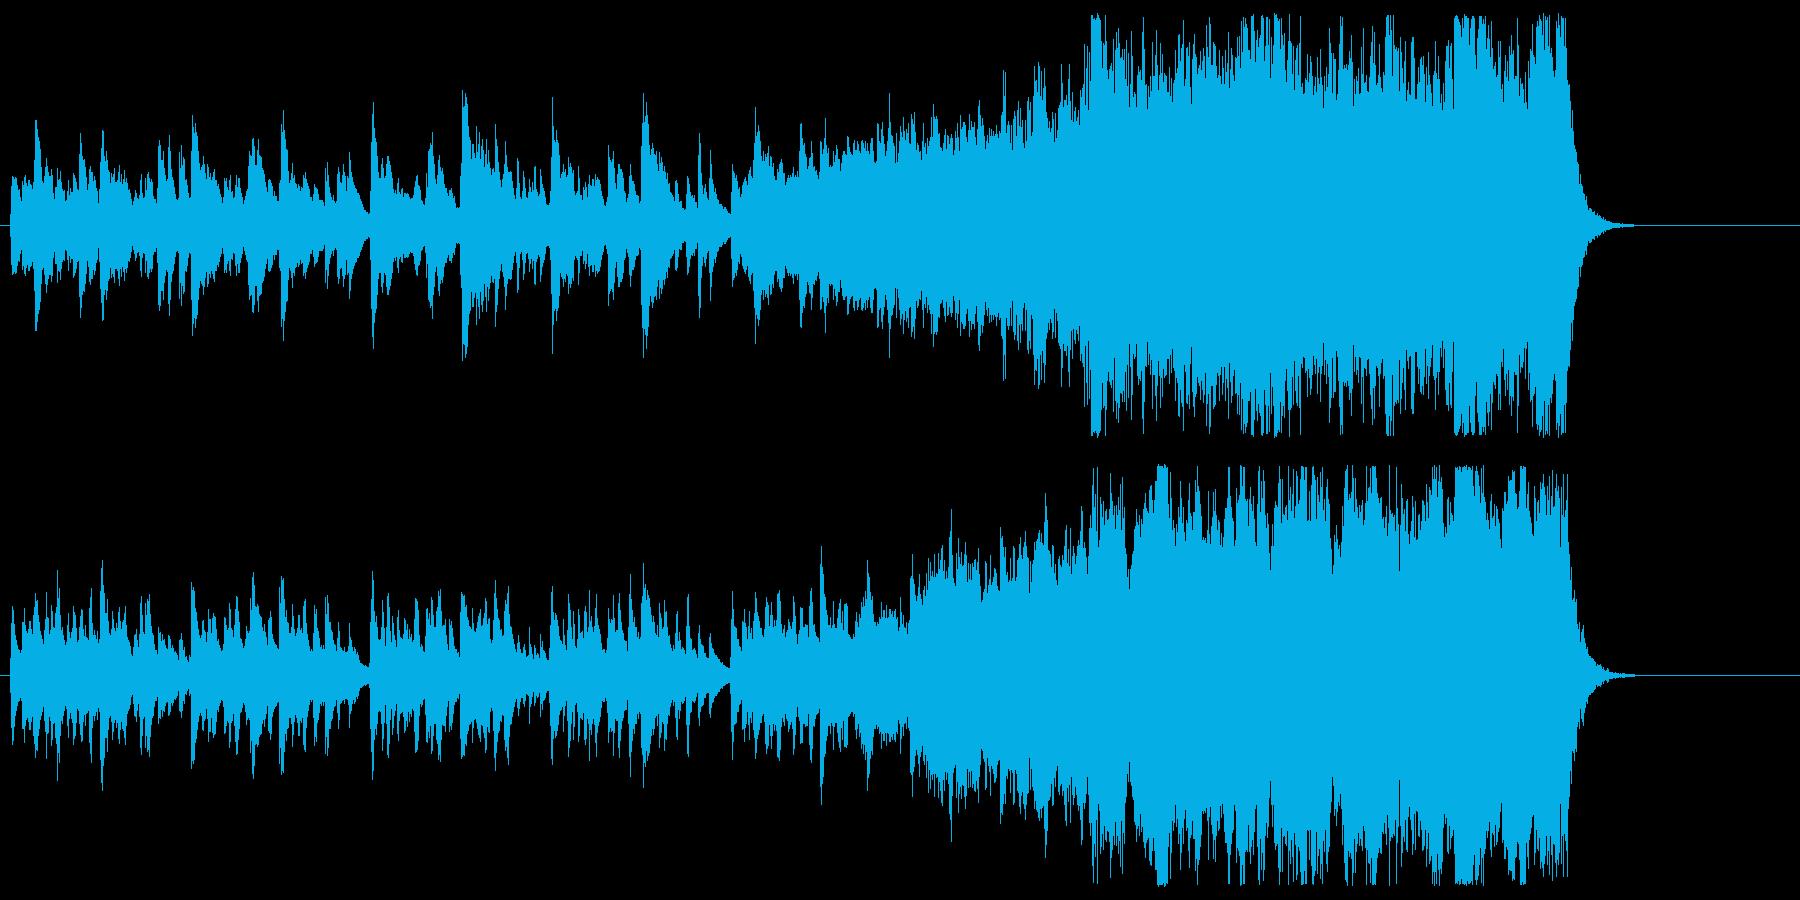 オケ&和楽器・和風。映像やゲームBGM等の再生済みの波形